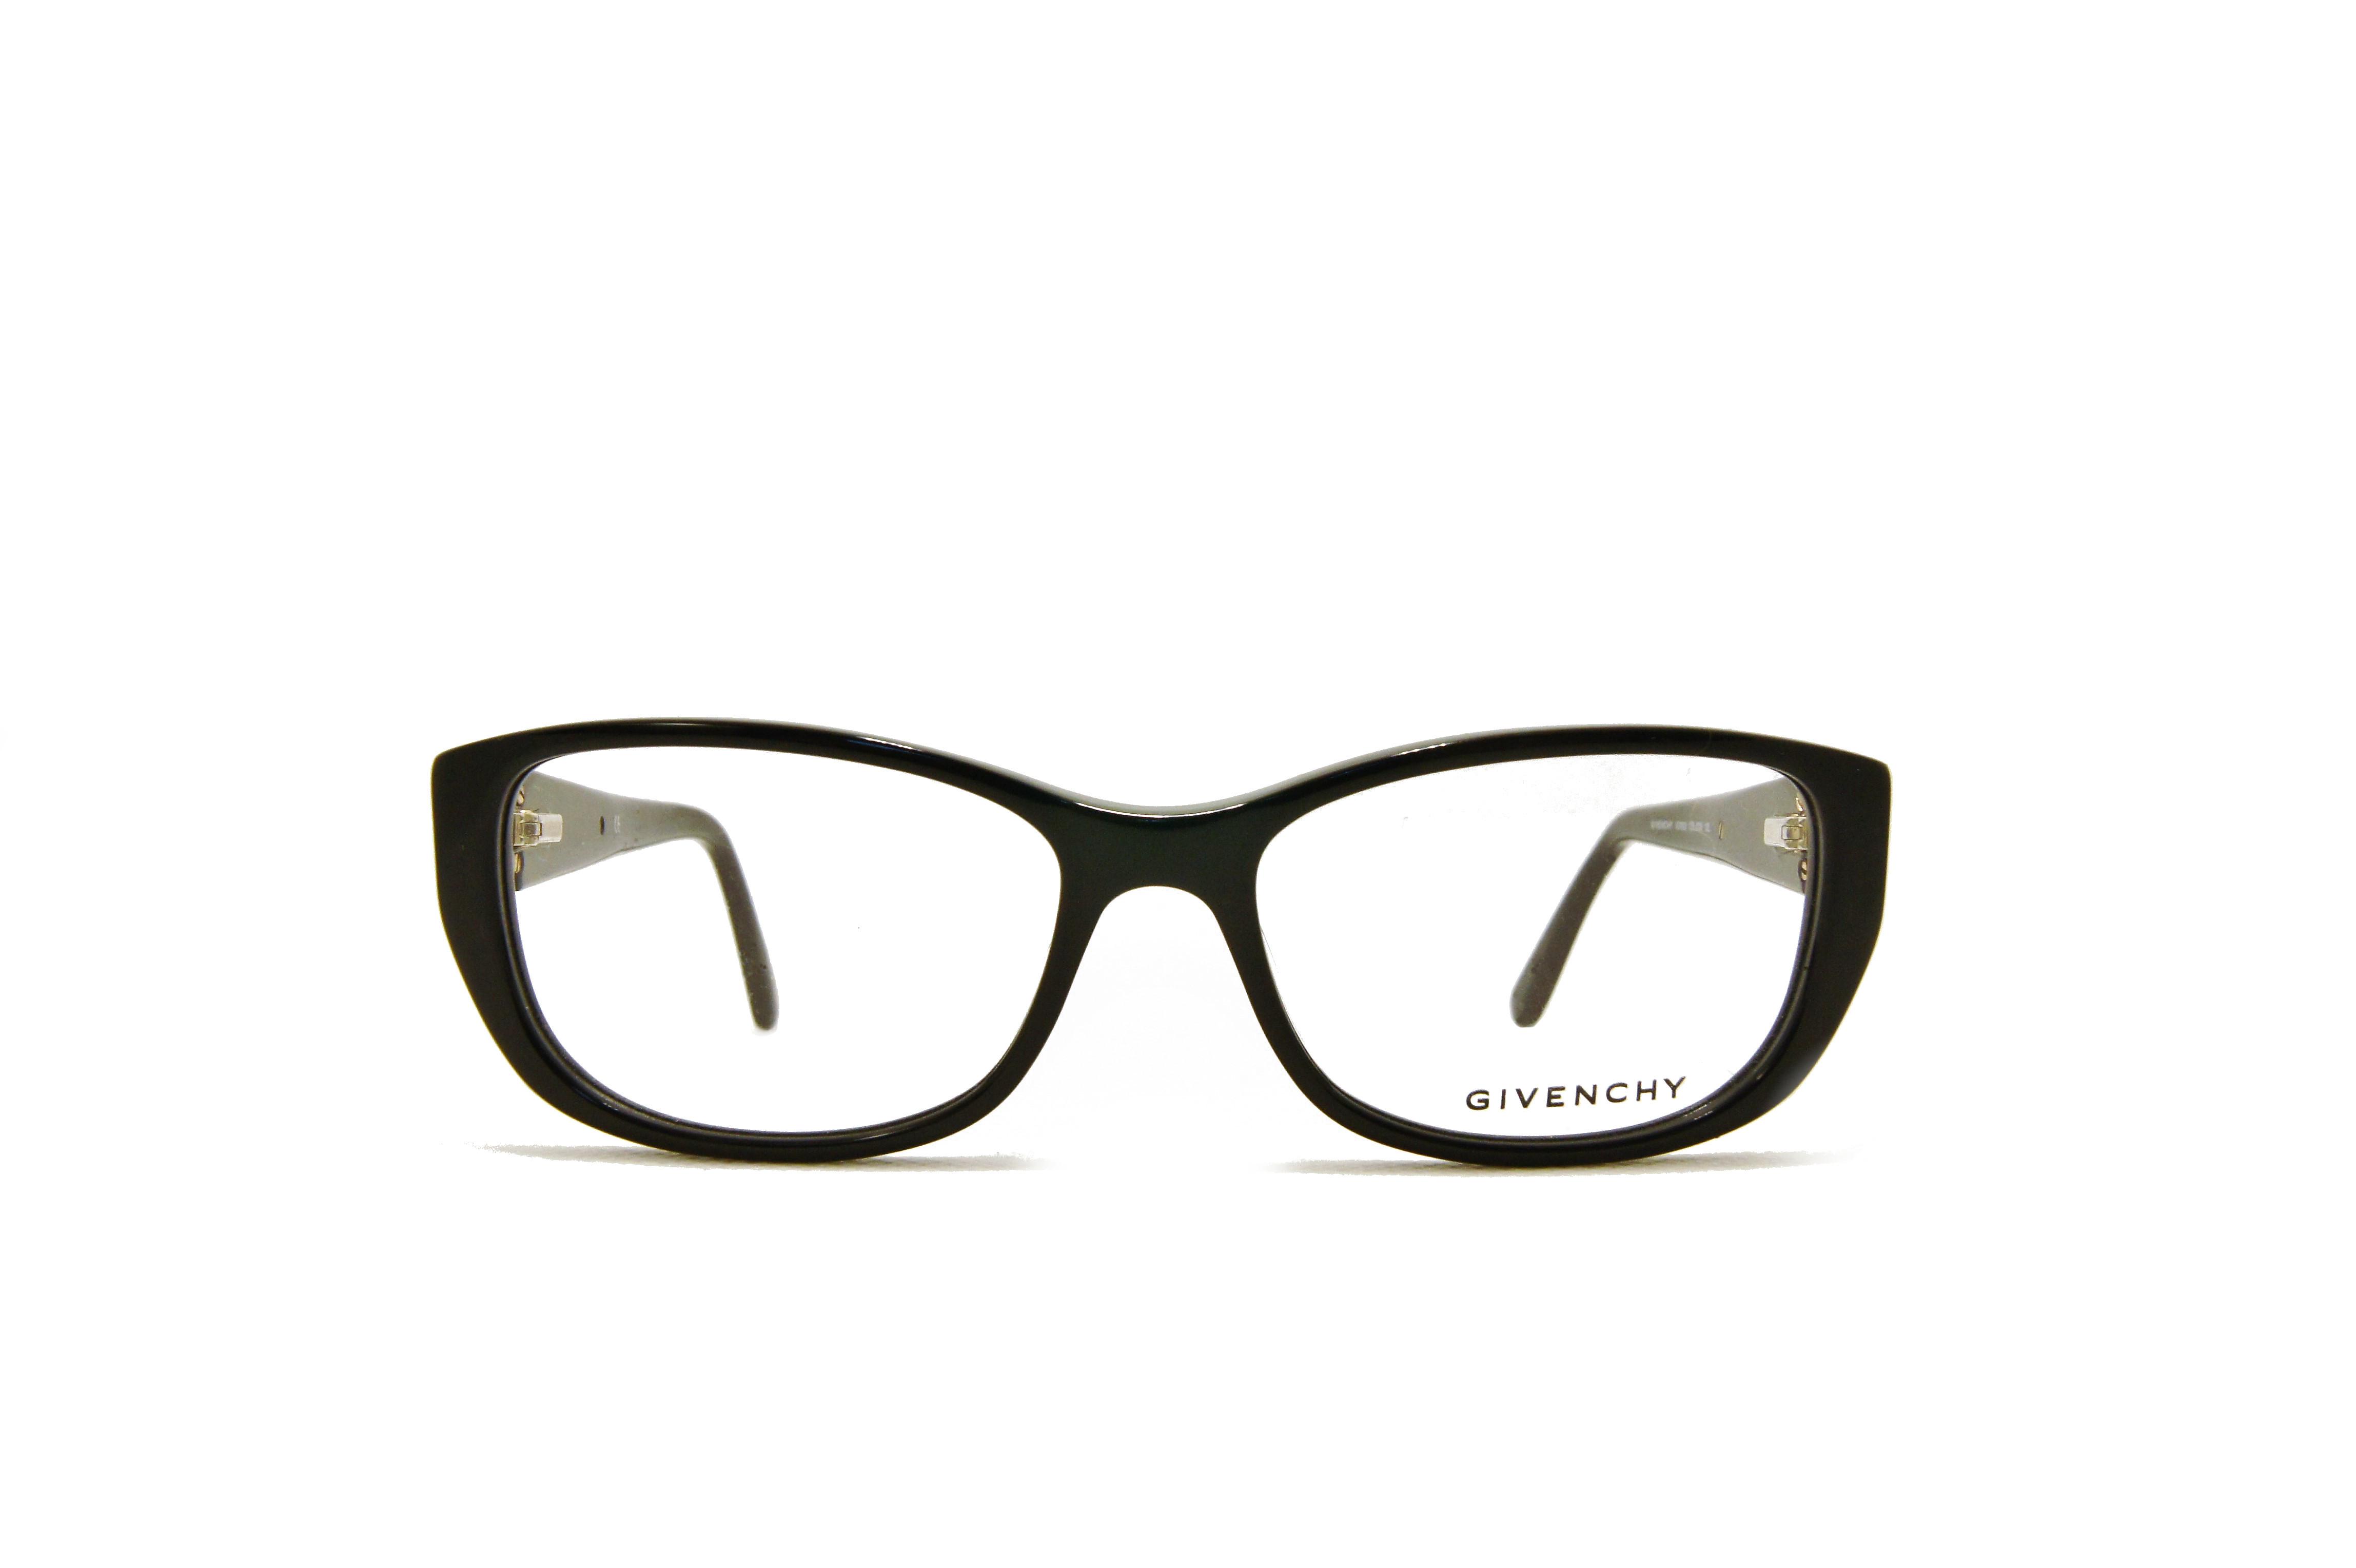 Givenchy VGV833